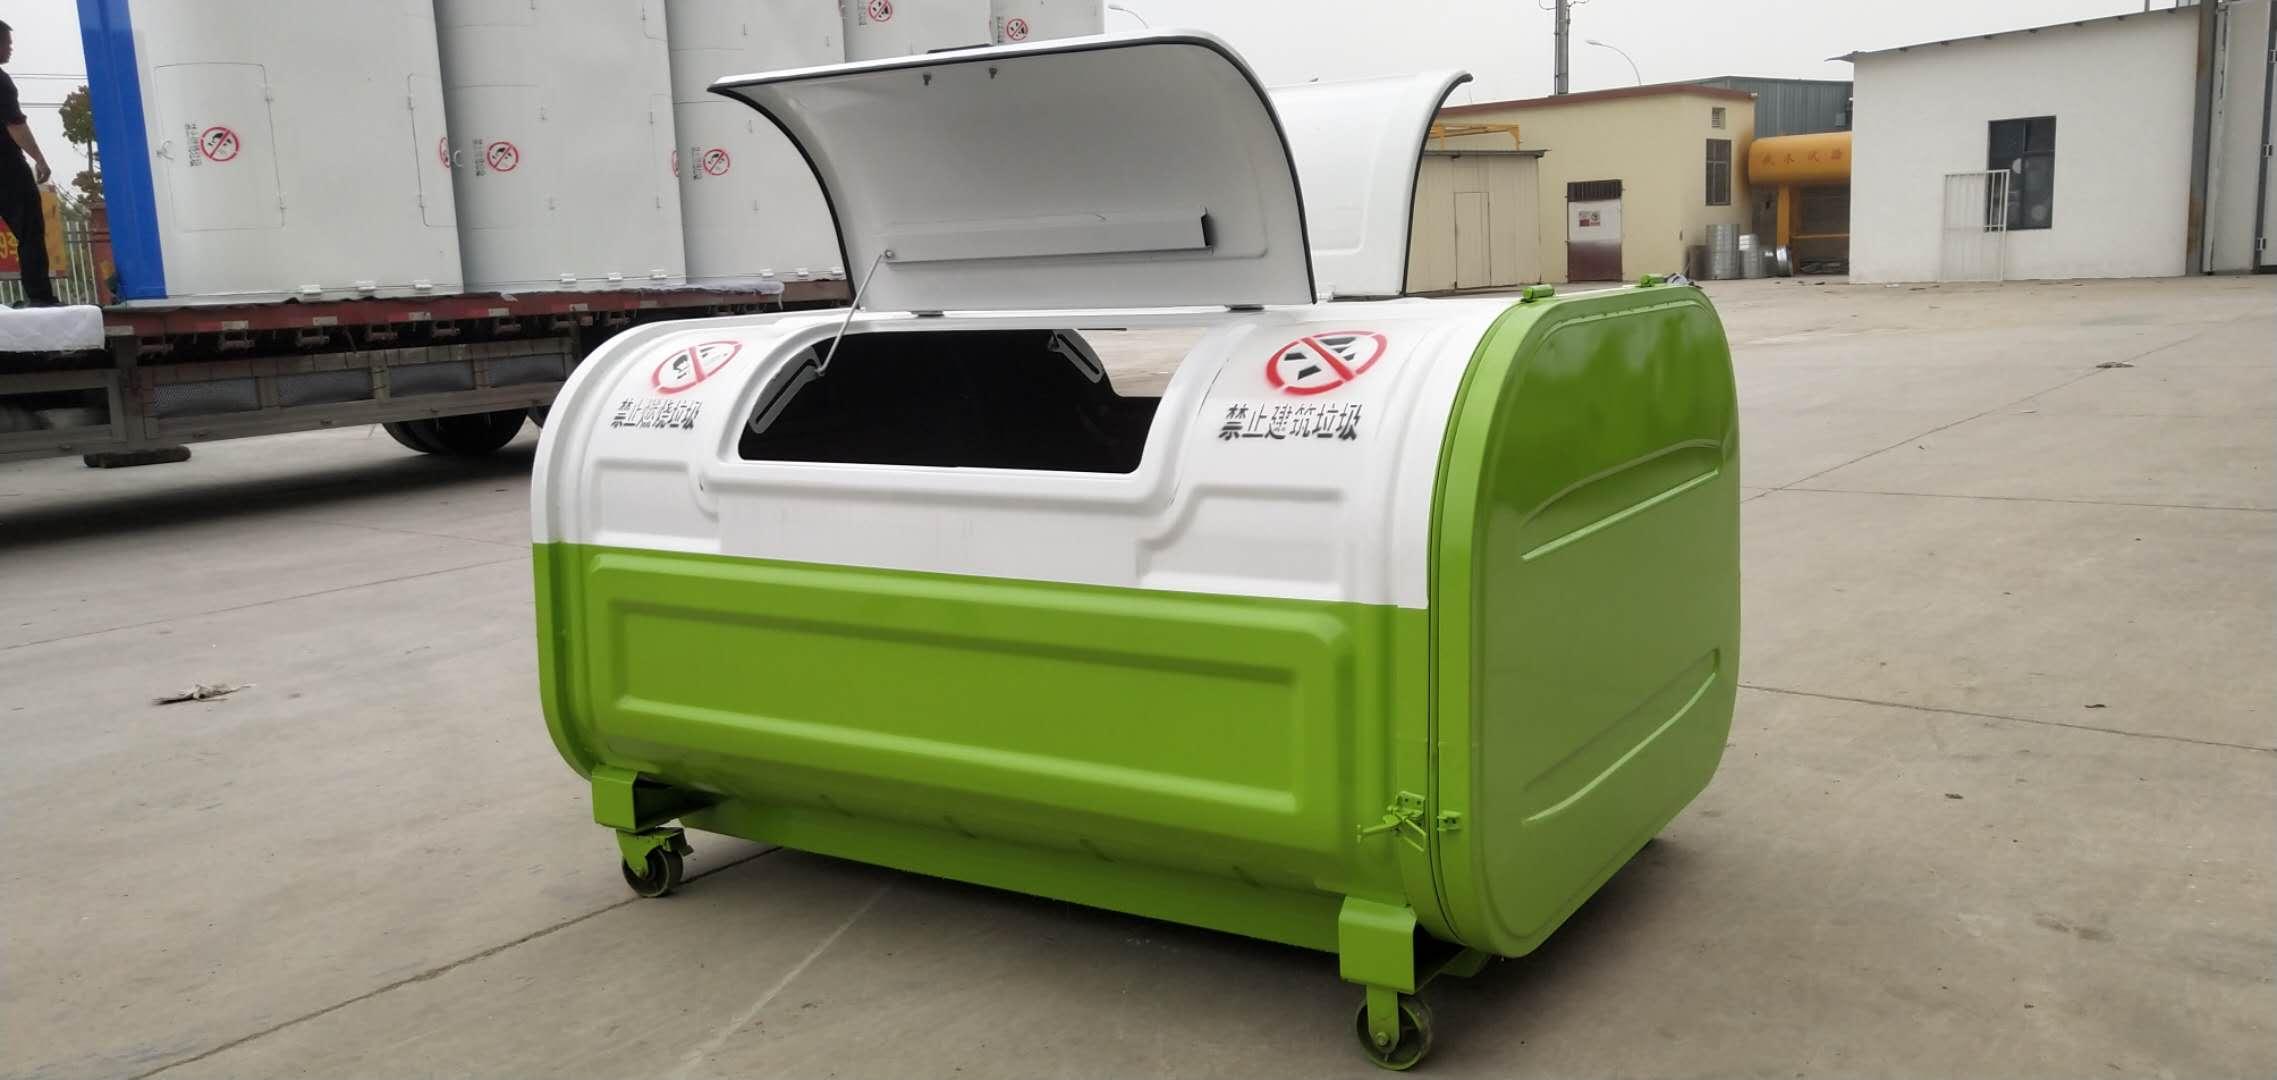 3方勾臂垃圾箱生产厂家图片